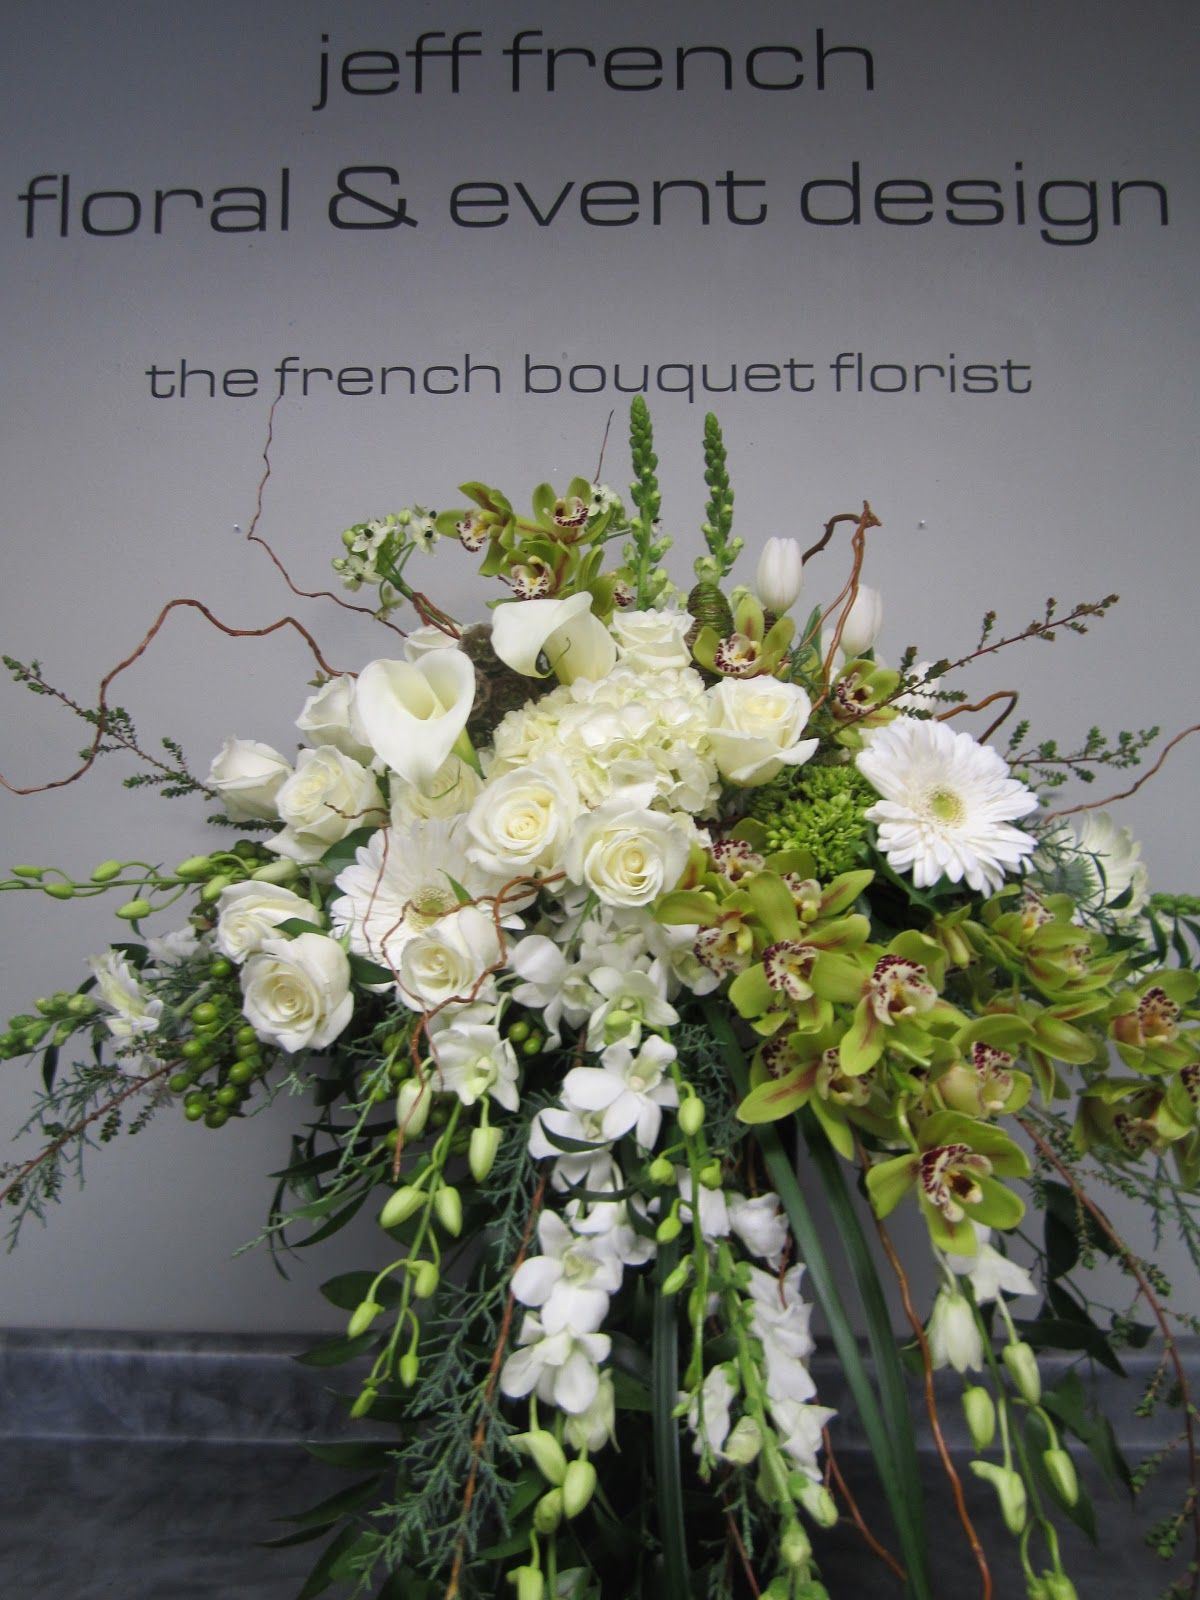 Funeral arrangement by jeff french floral and event design orchideen pinterest blumen - Orchideen arrangement ...